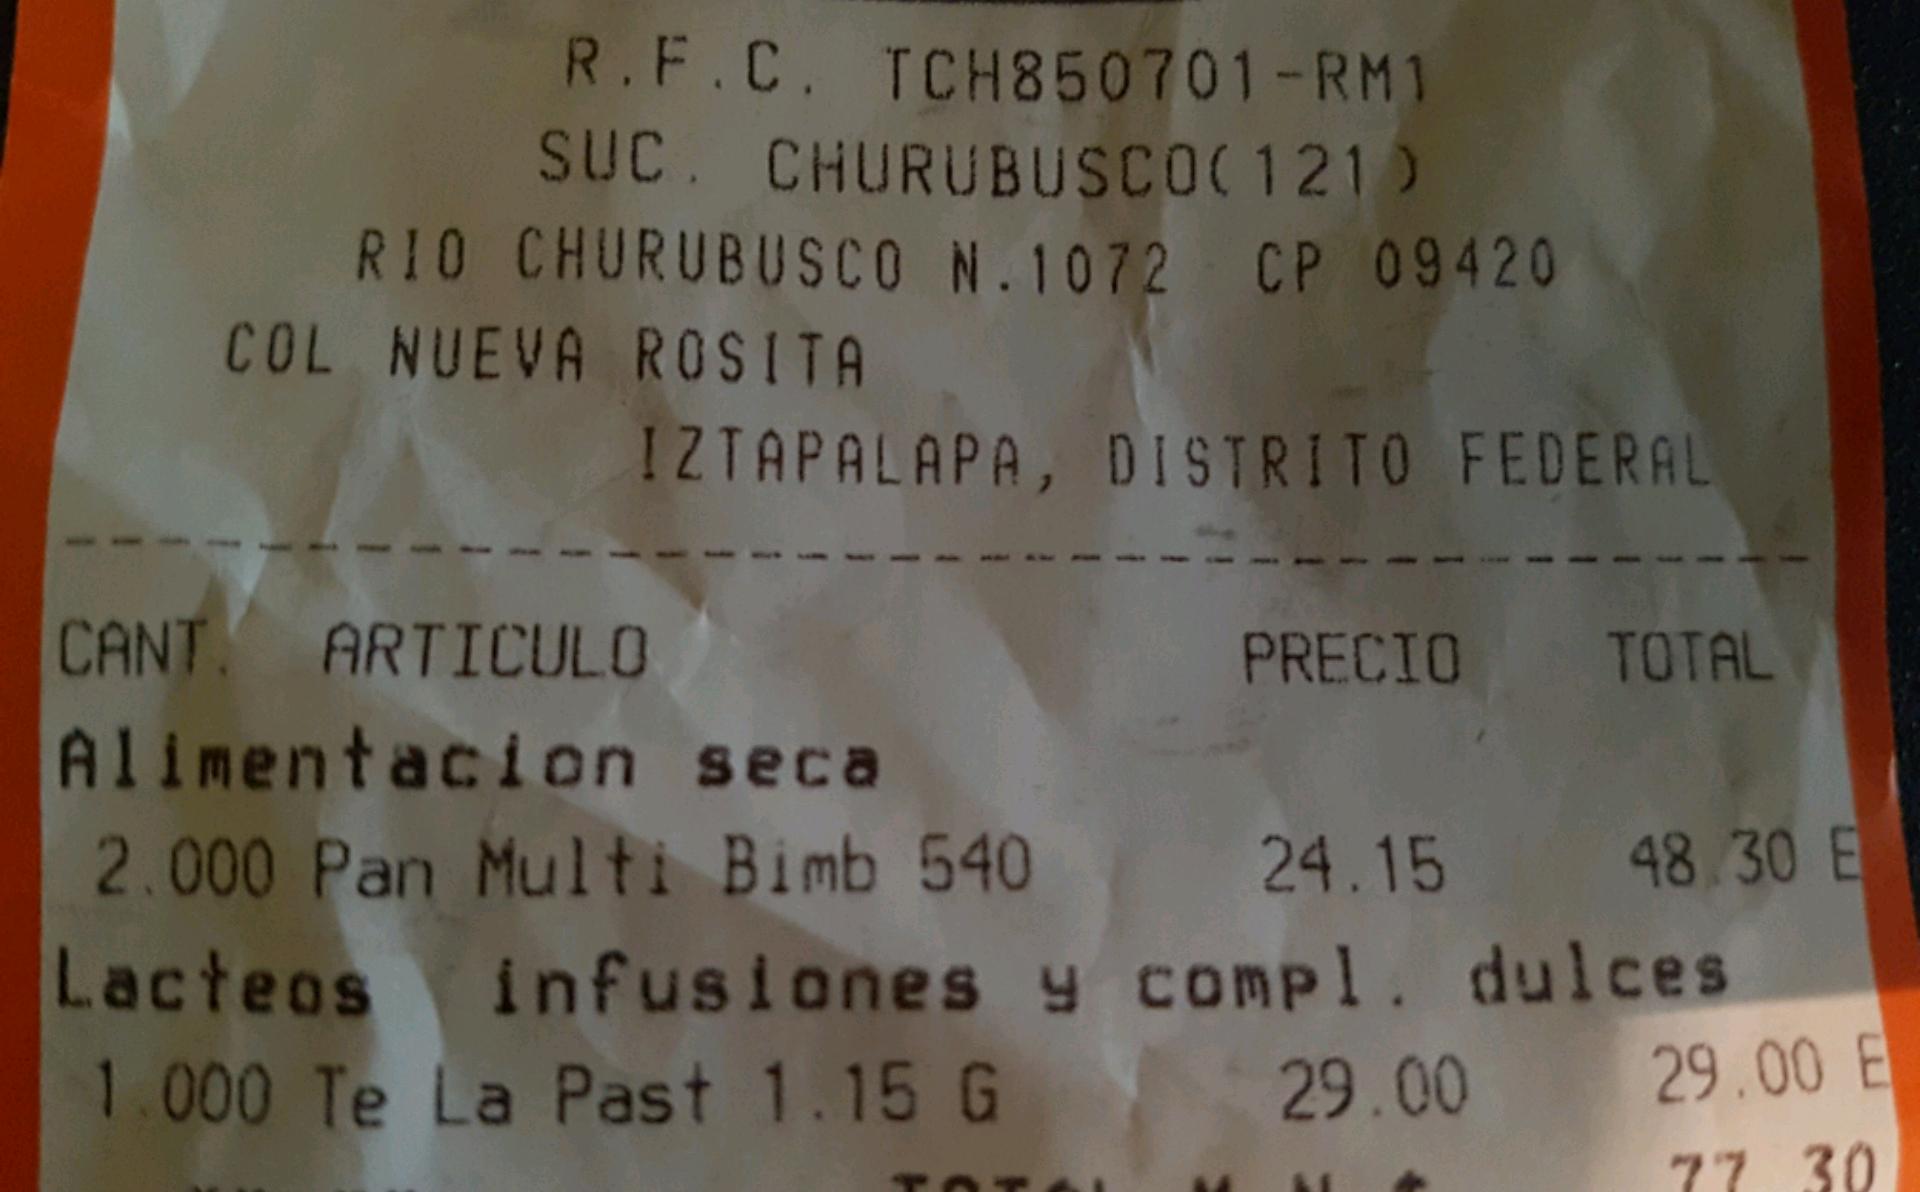 Chedraui Churubusco: Pan de linaza de Bimbo a $24.15